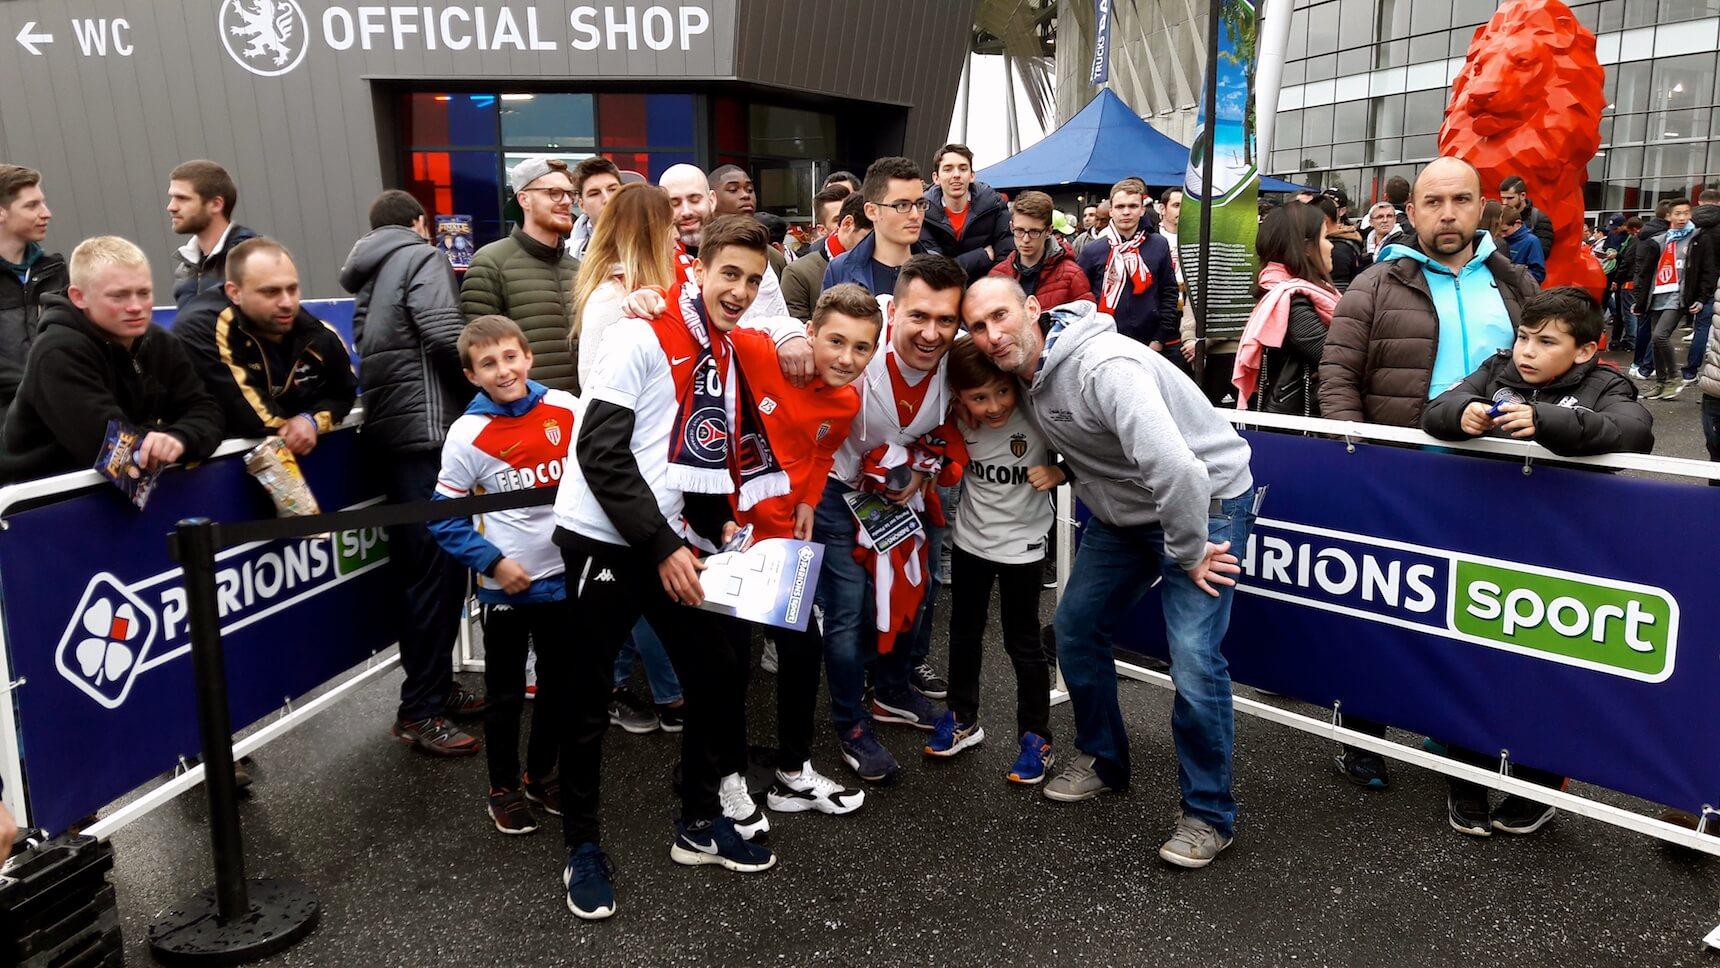 Des supporters de l'AS Monaco